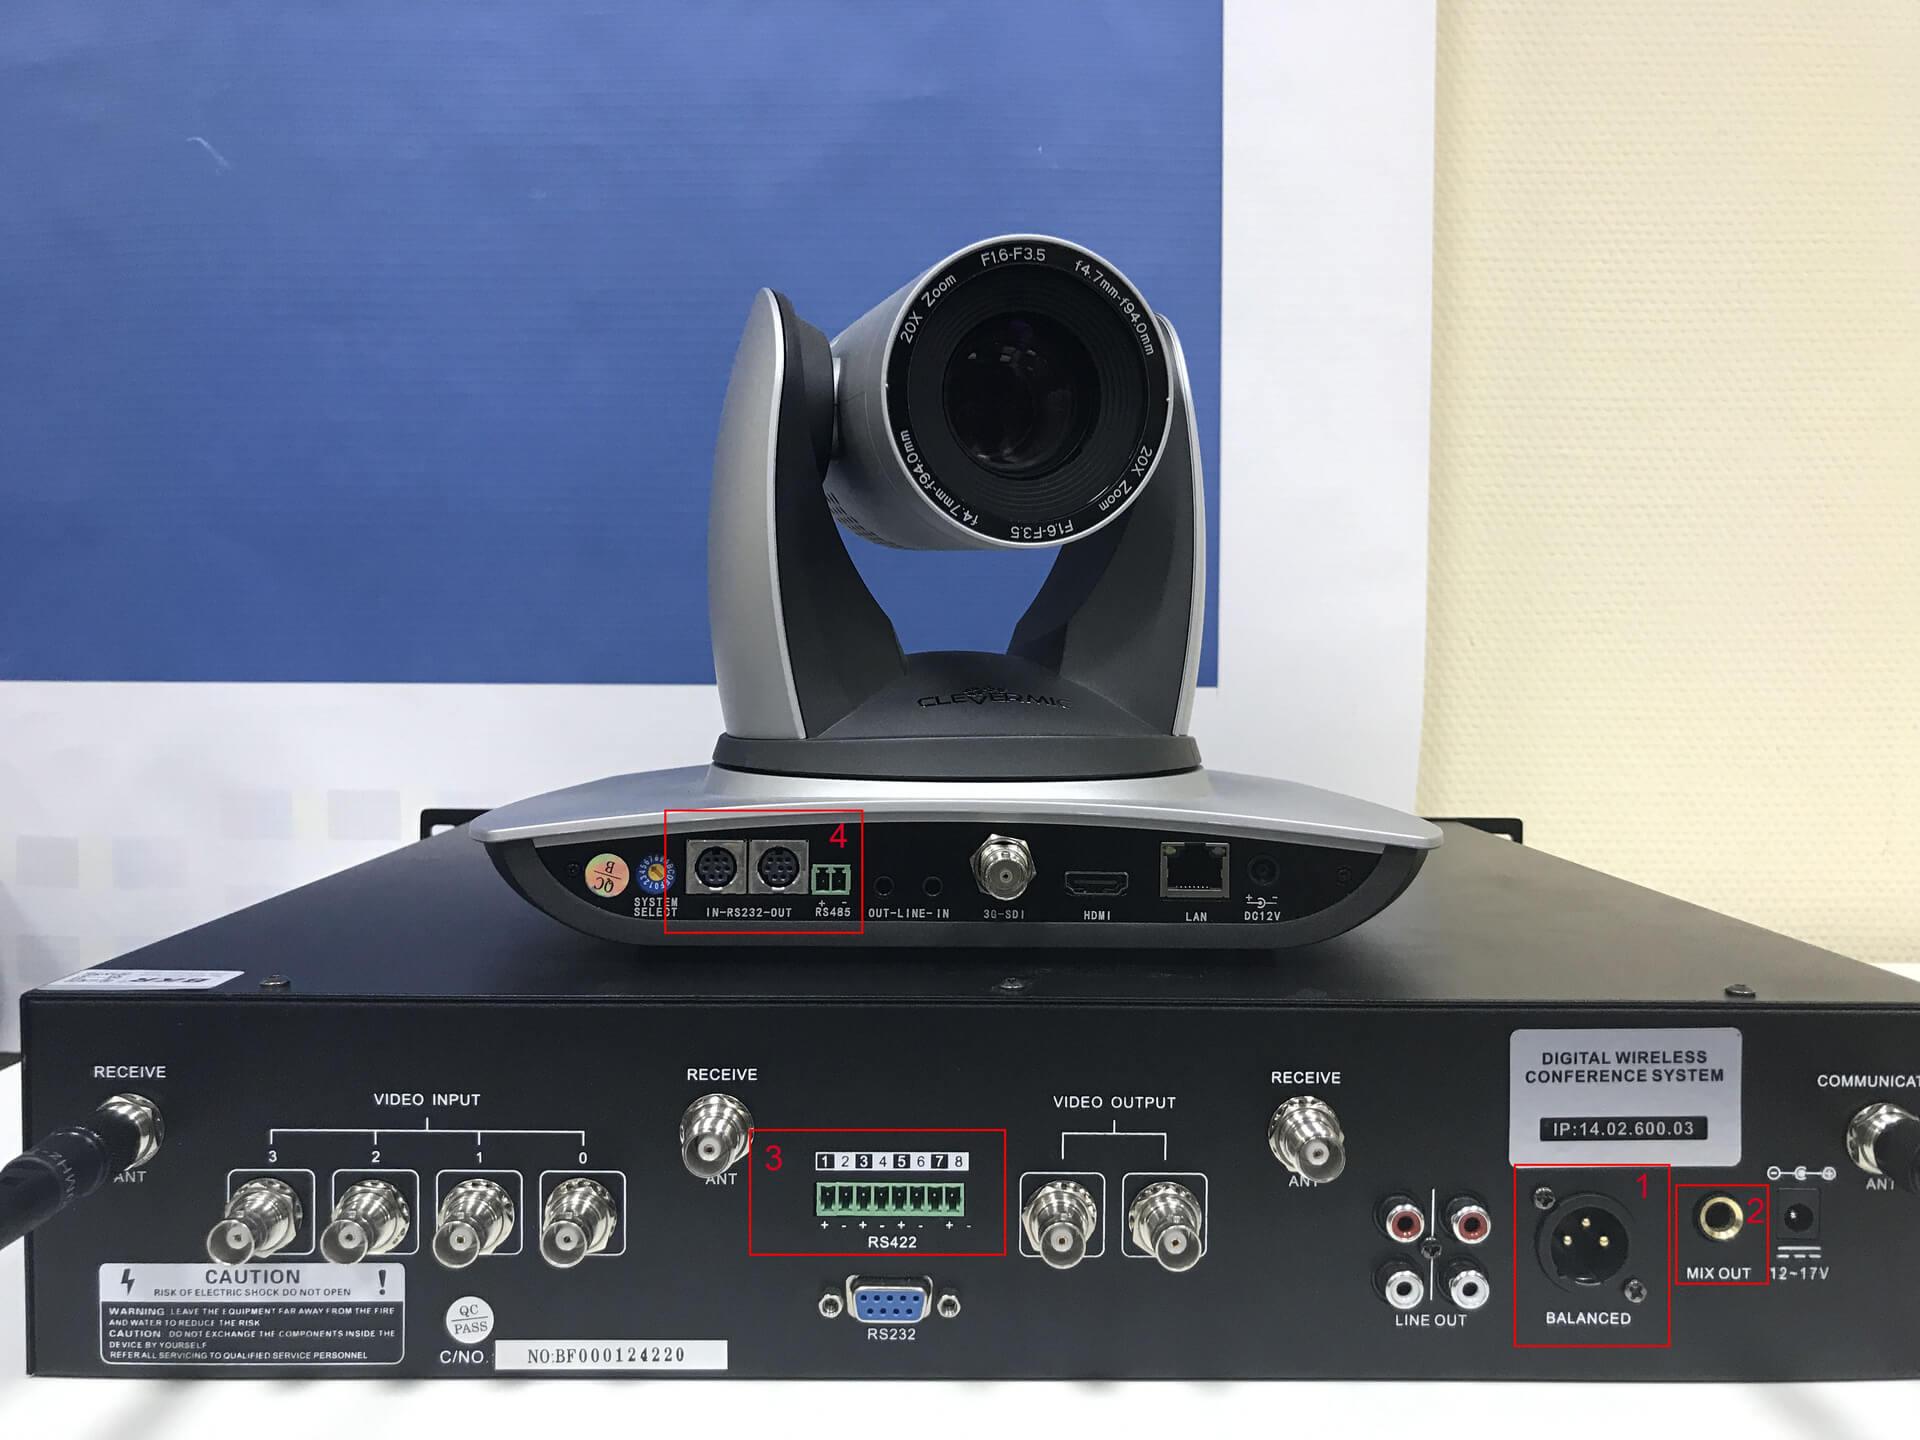 Подключение камеры CleverMic к конгресс-системе